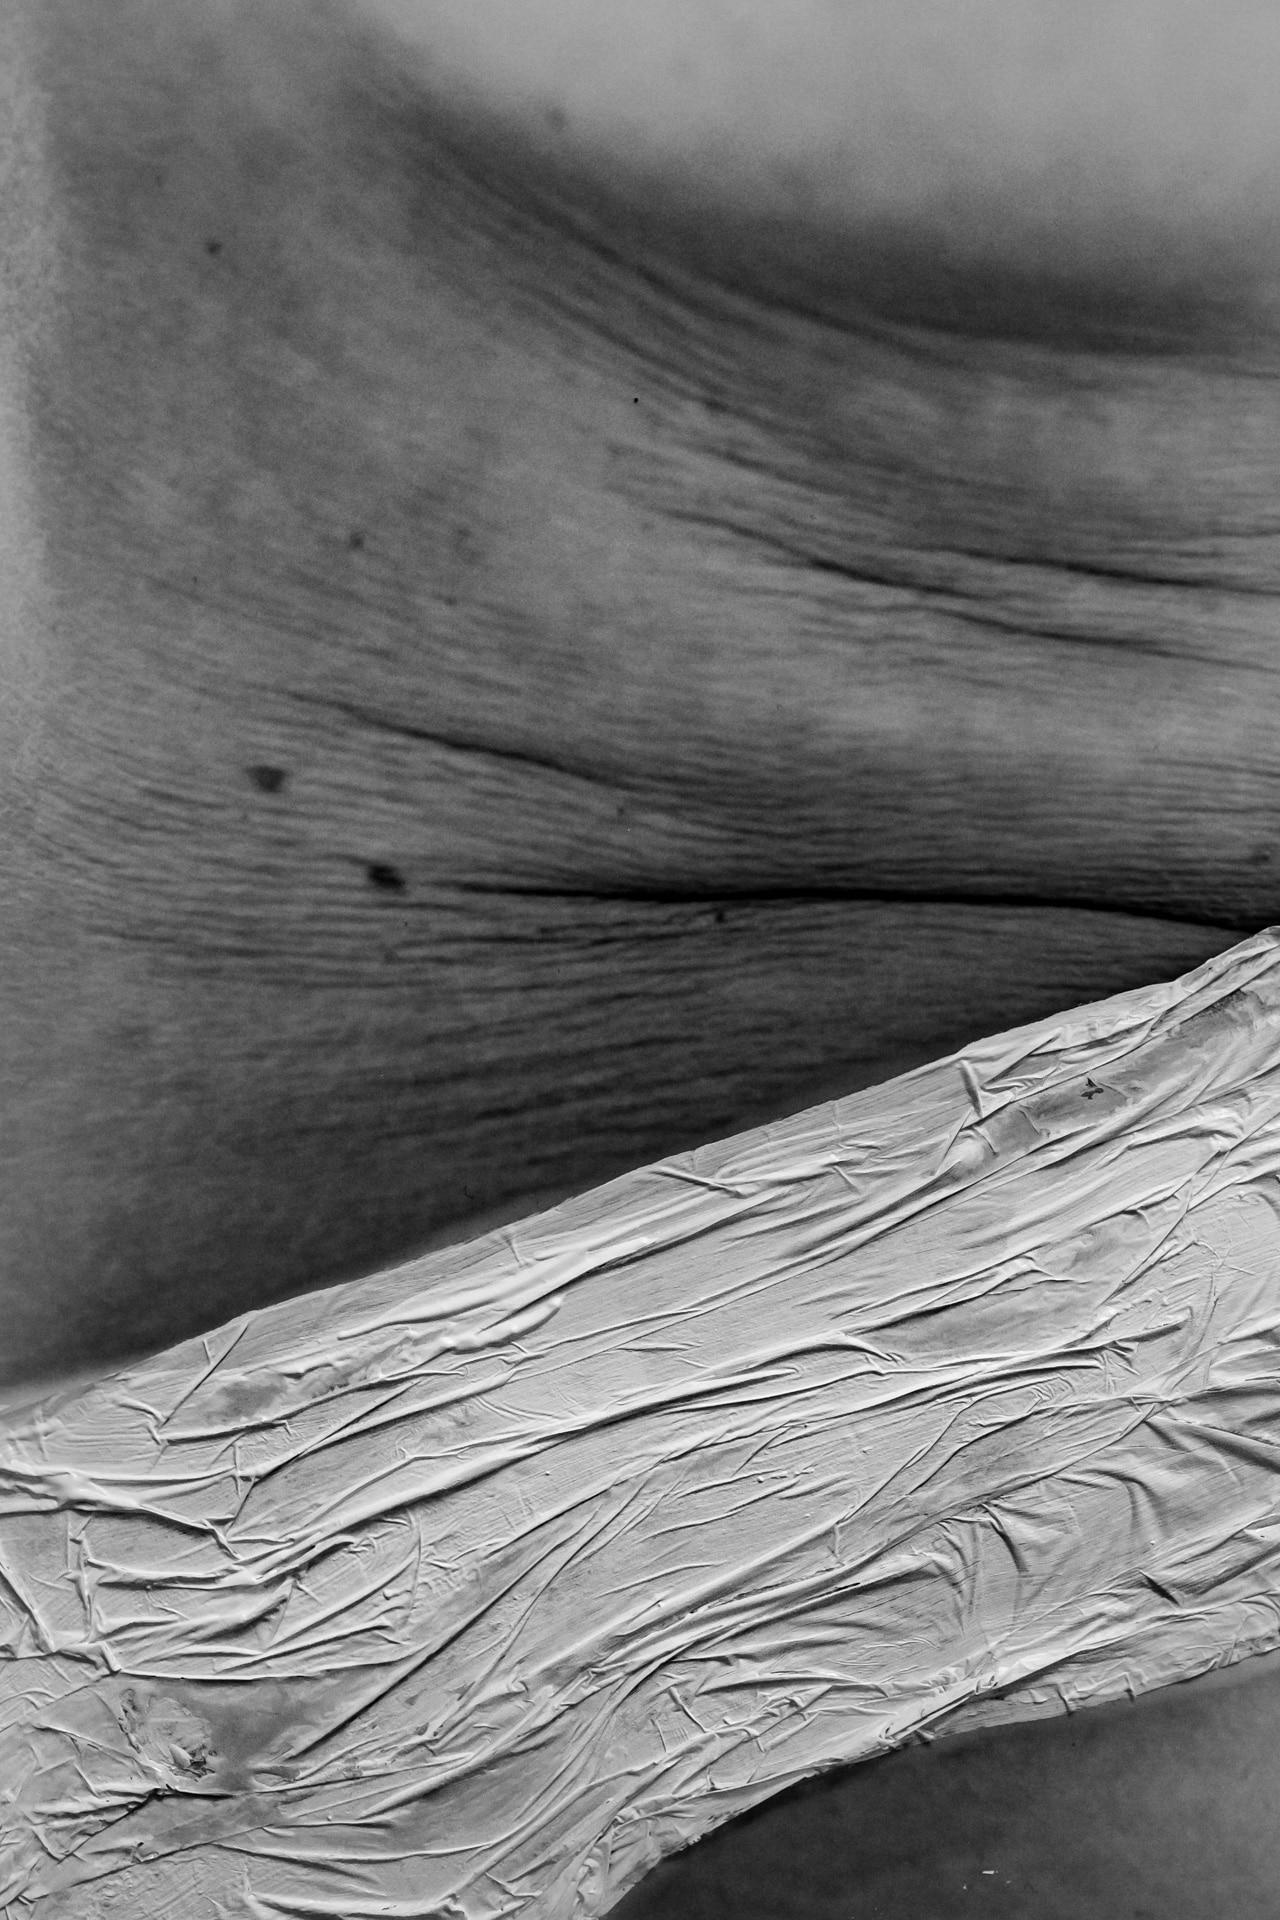 Body texture